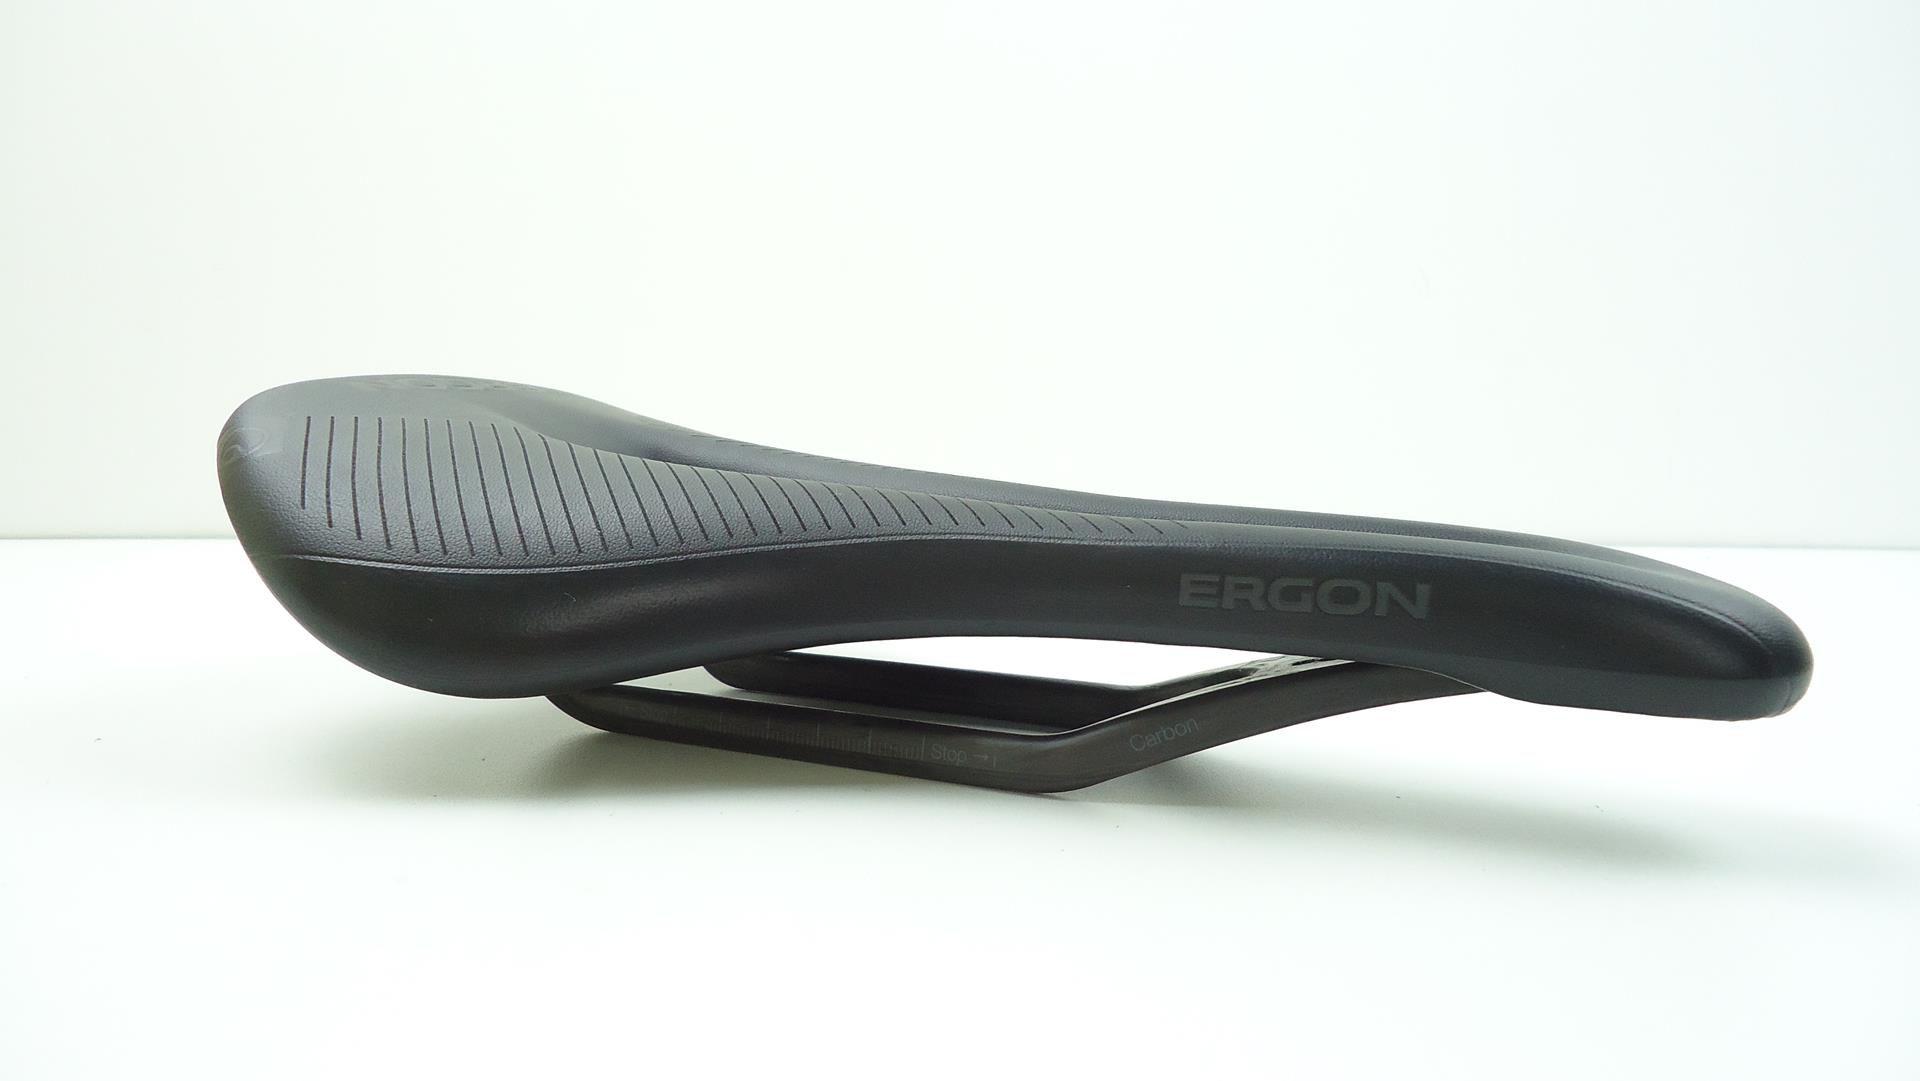 Selim Bicicleta Ergon SR Men Pro Com Trilhos em Carbono 155mm Largura Preto - USADO